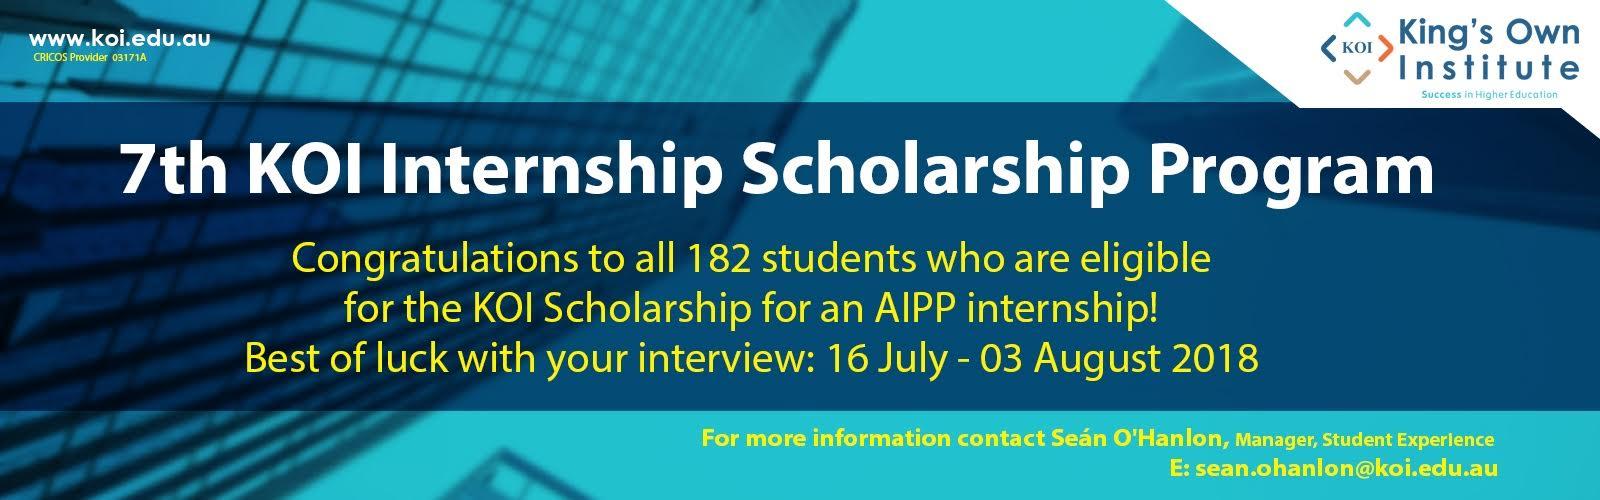 7th_KOI_Internship_Scholarship_Program